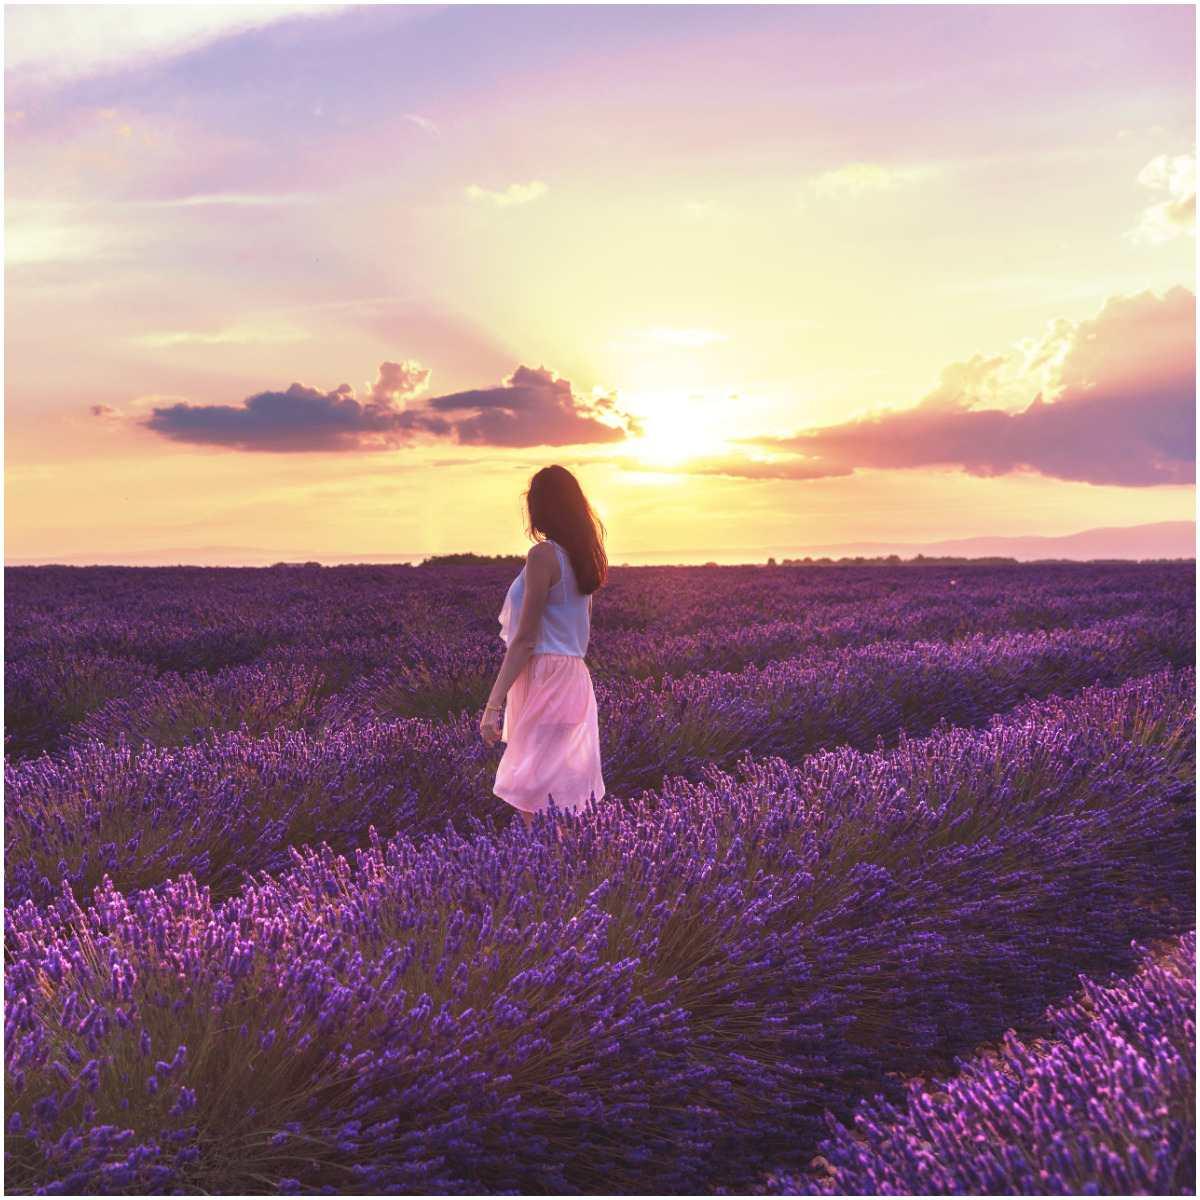 Lavender oil for meditation